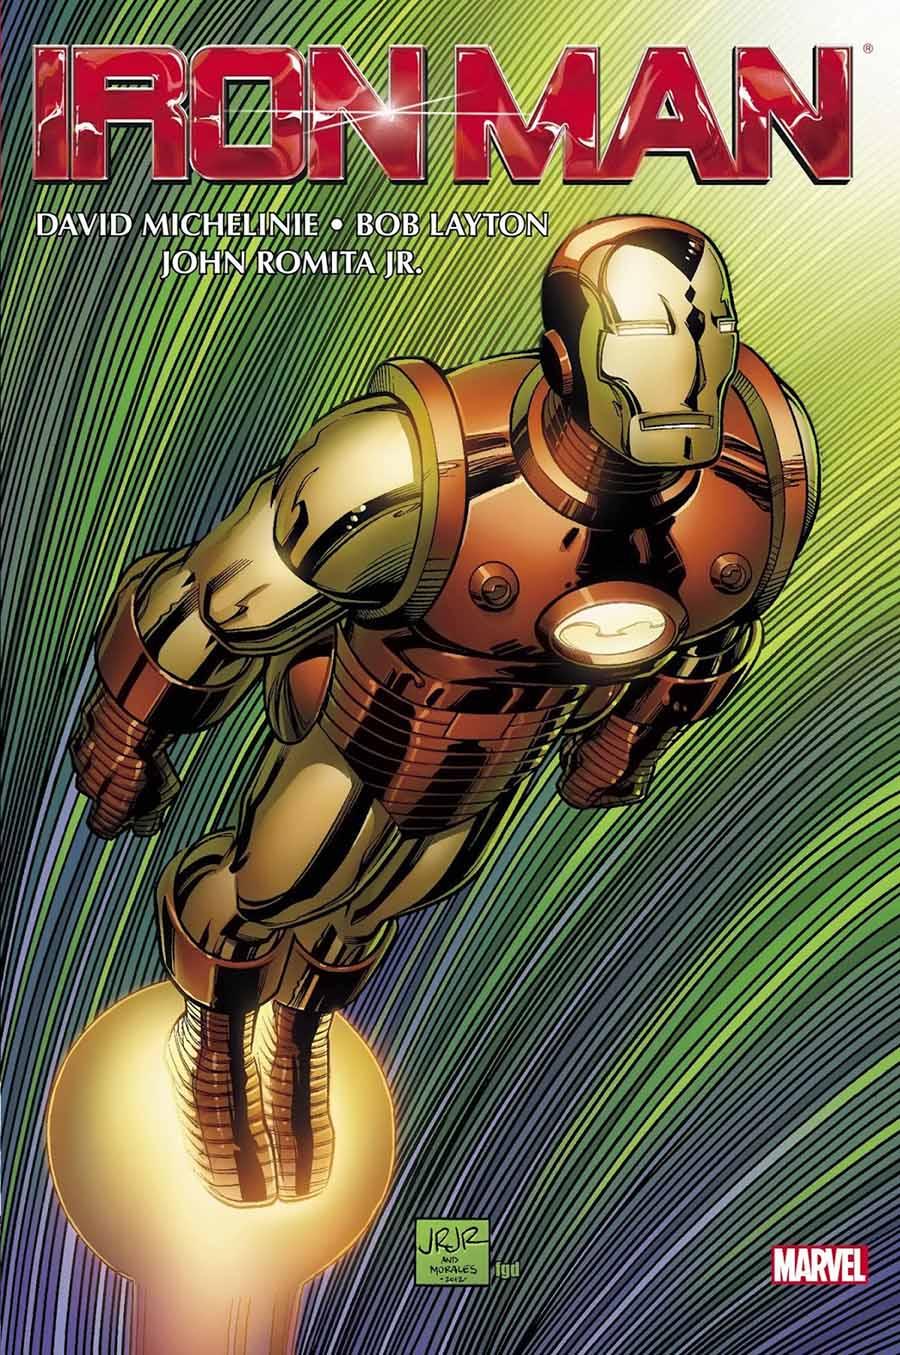 Iron Man (Michelinie/Layton)